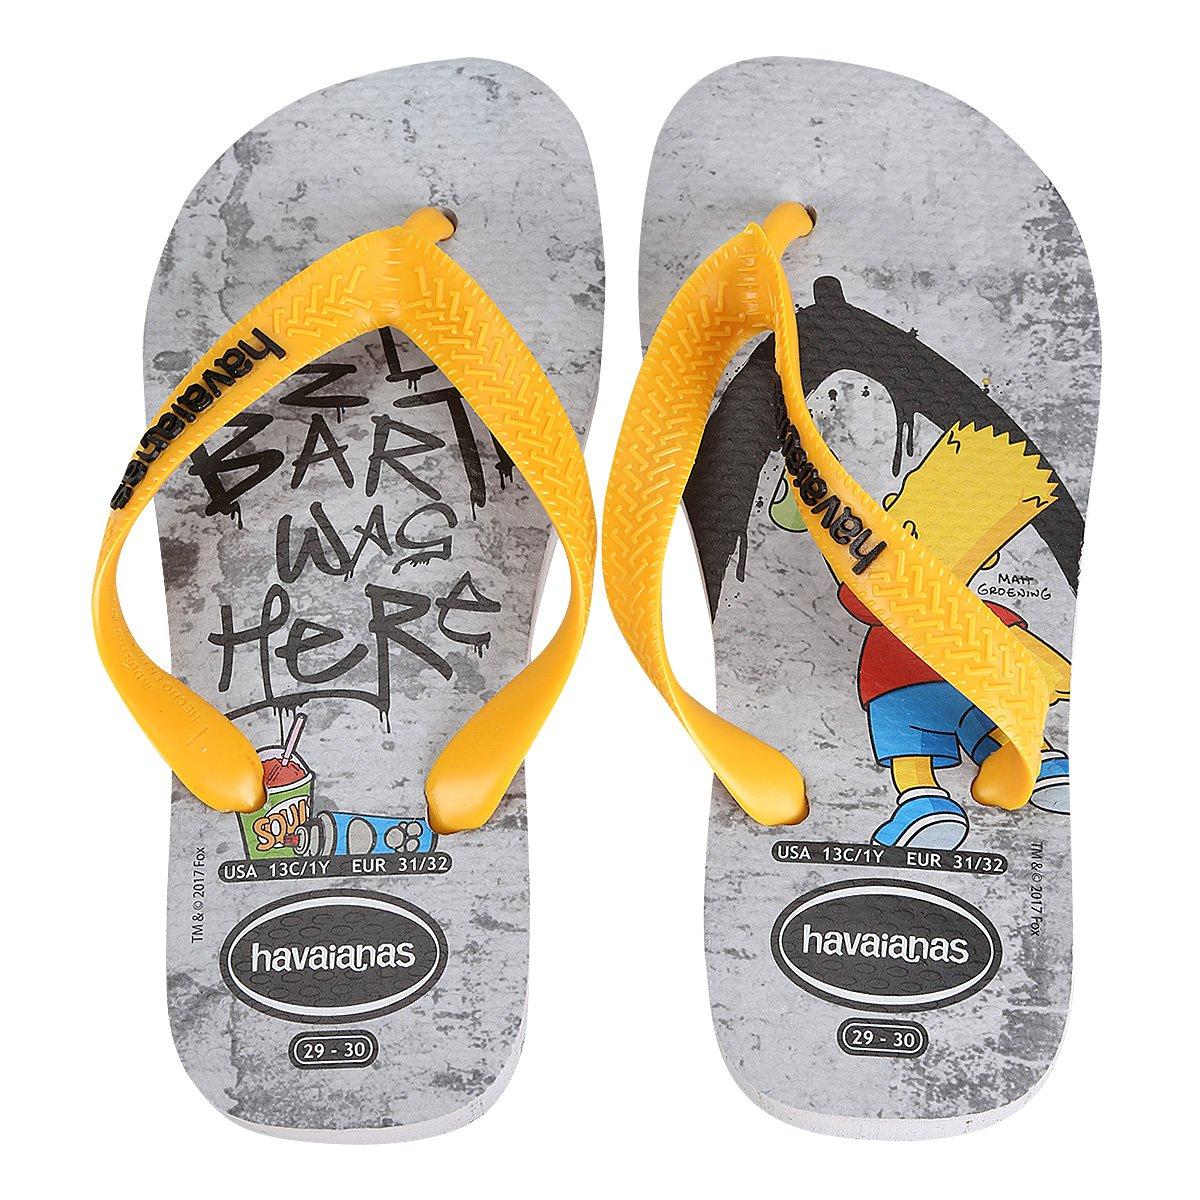 8c8598740d6a Sandália Infantil Havaianas Simpsons - Compre Agora